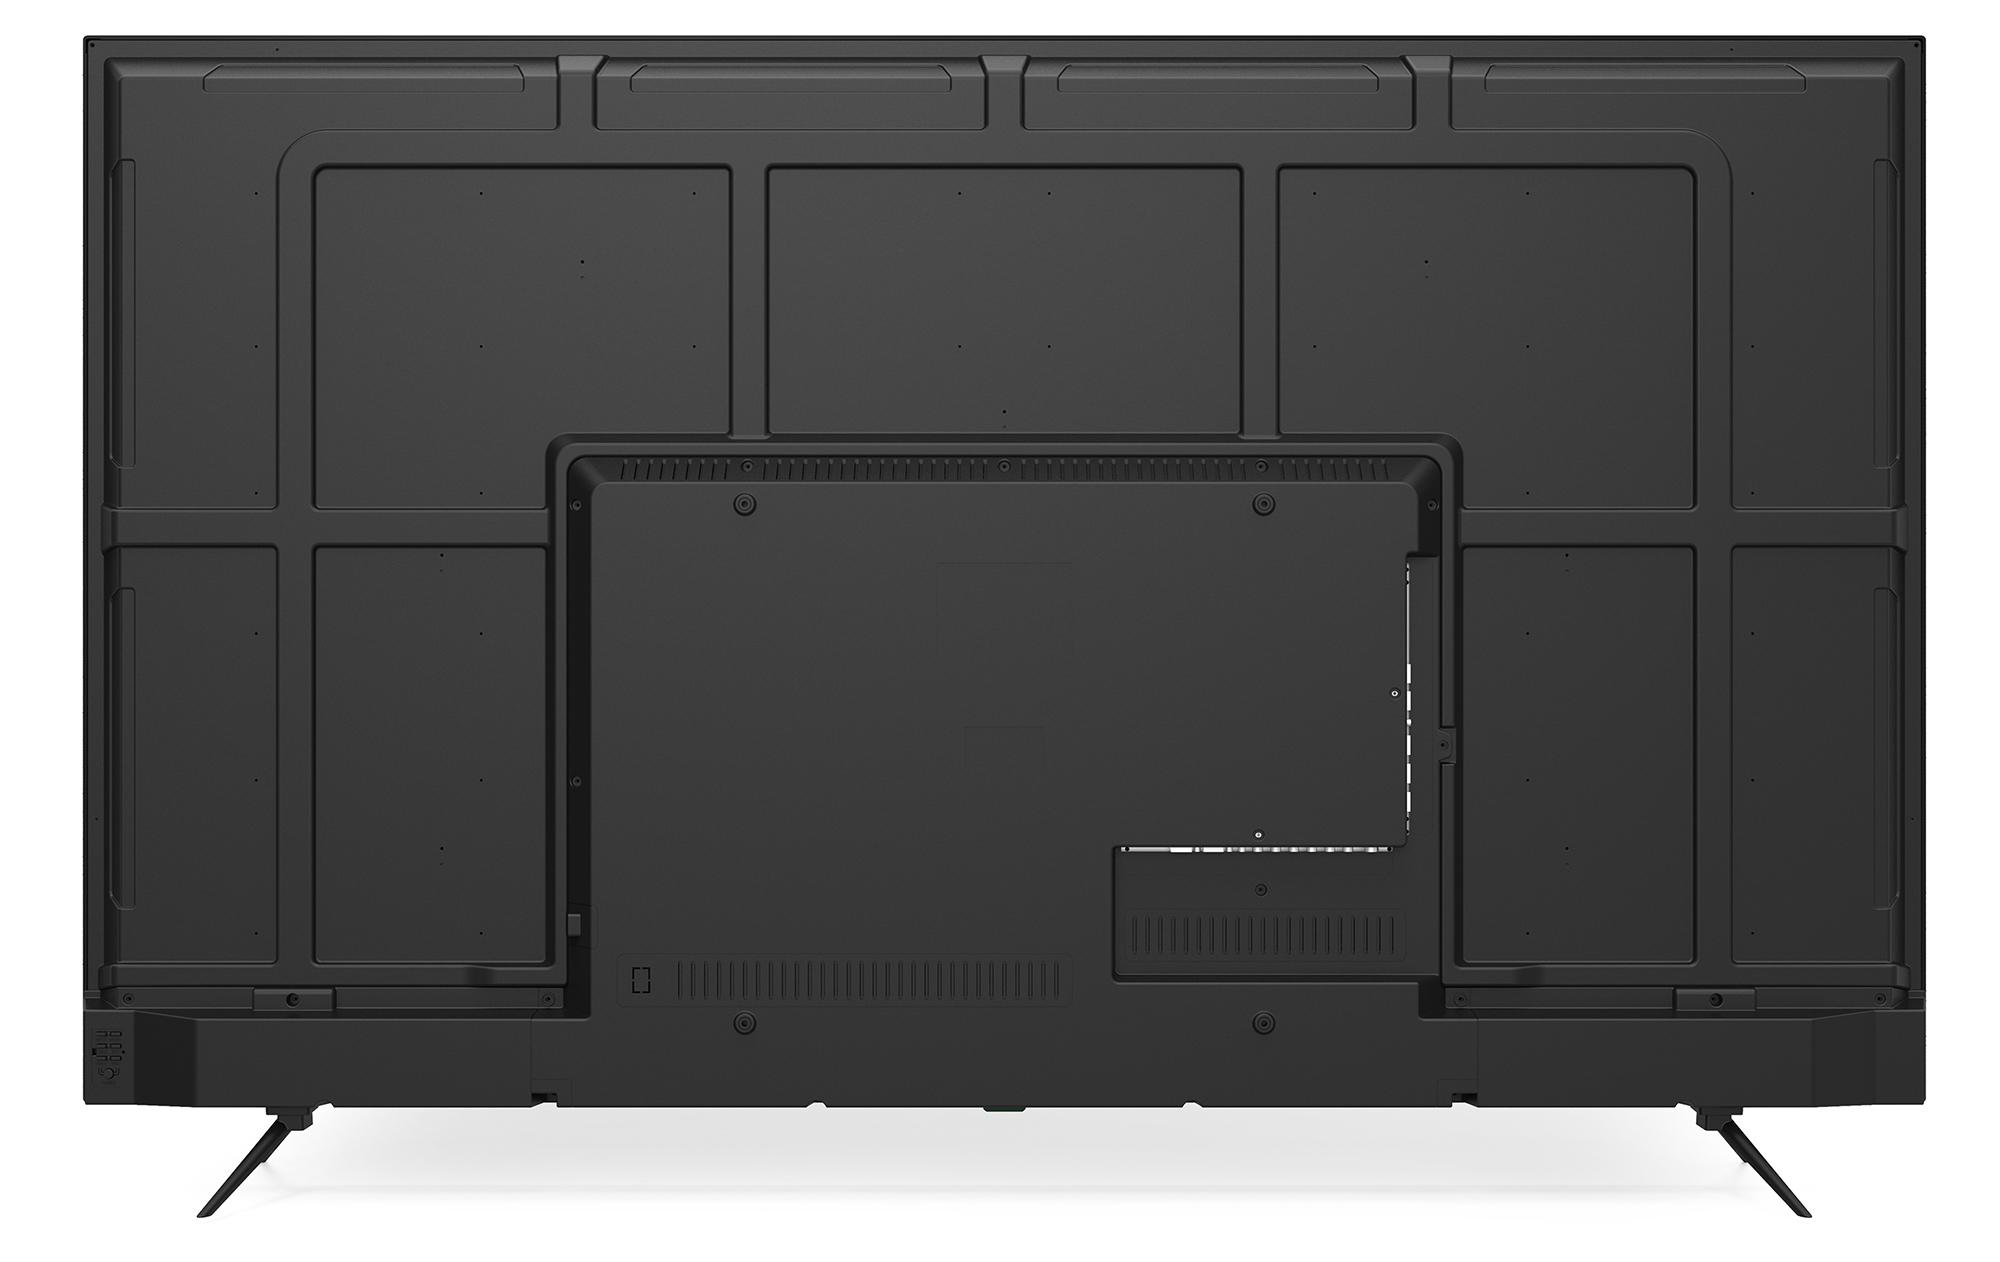 SC6500US - 3 - Back